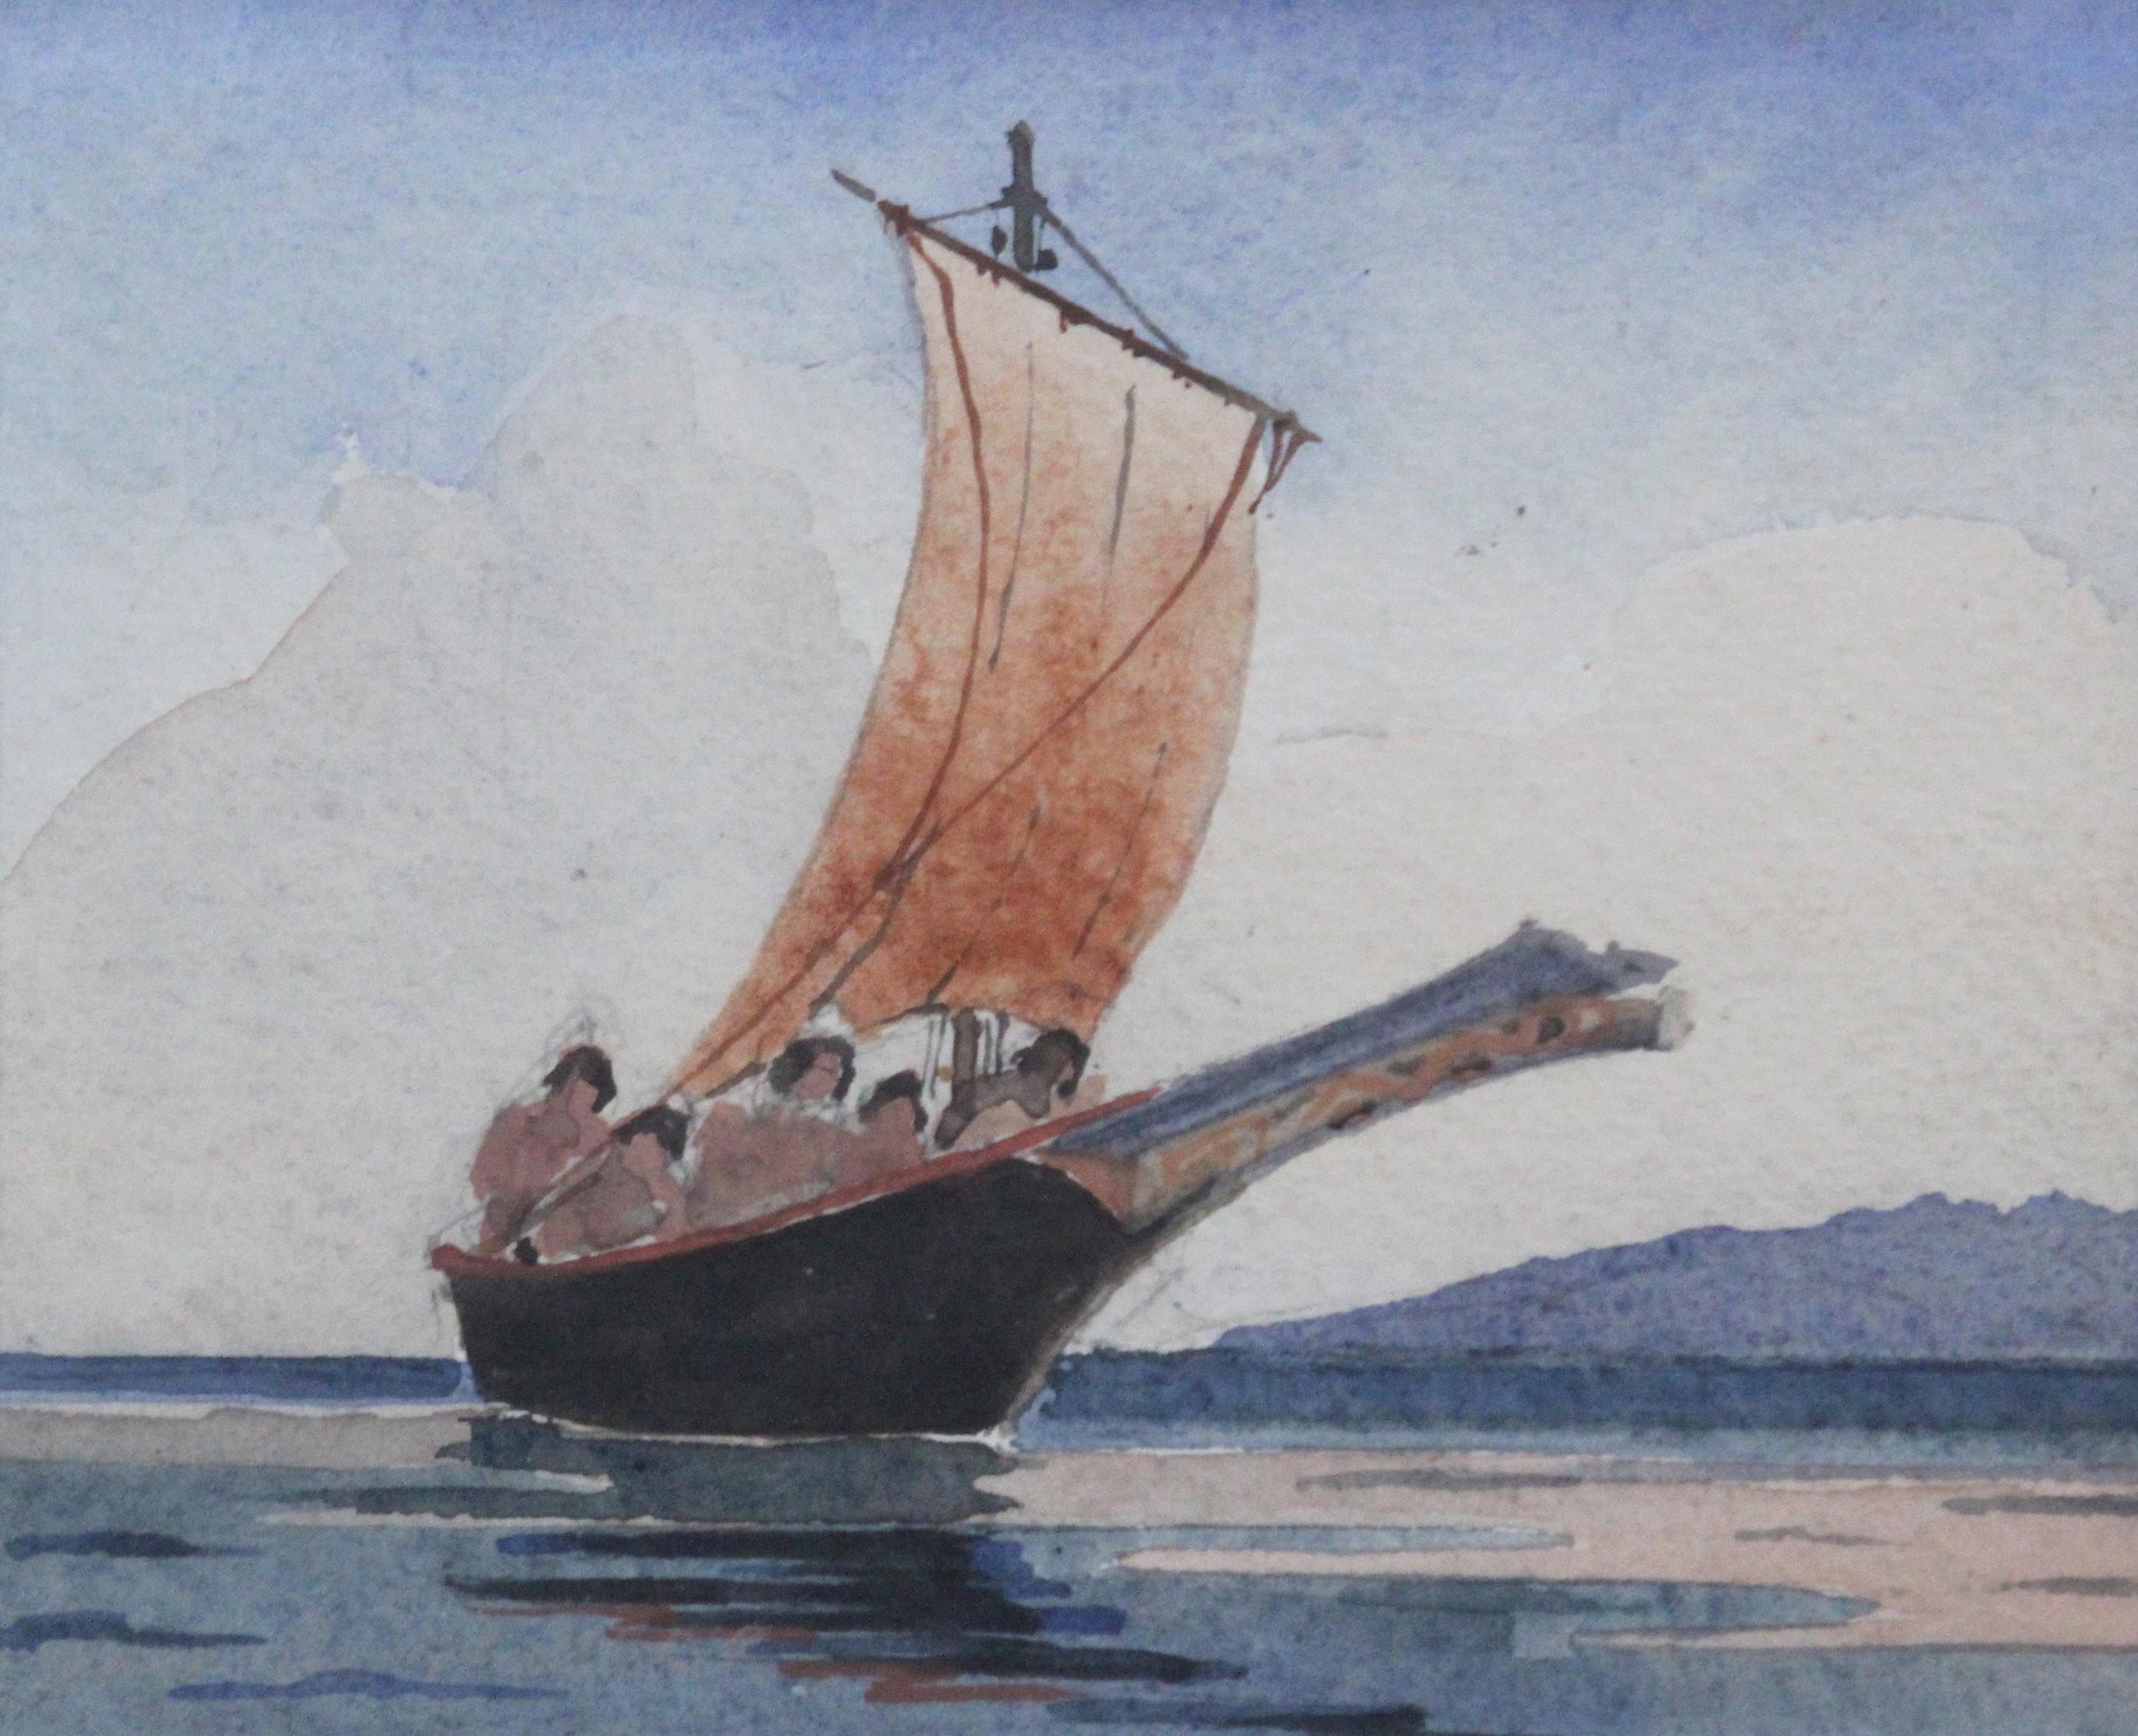 James Jervis Blomfield, Haida Boat, British Columbia